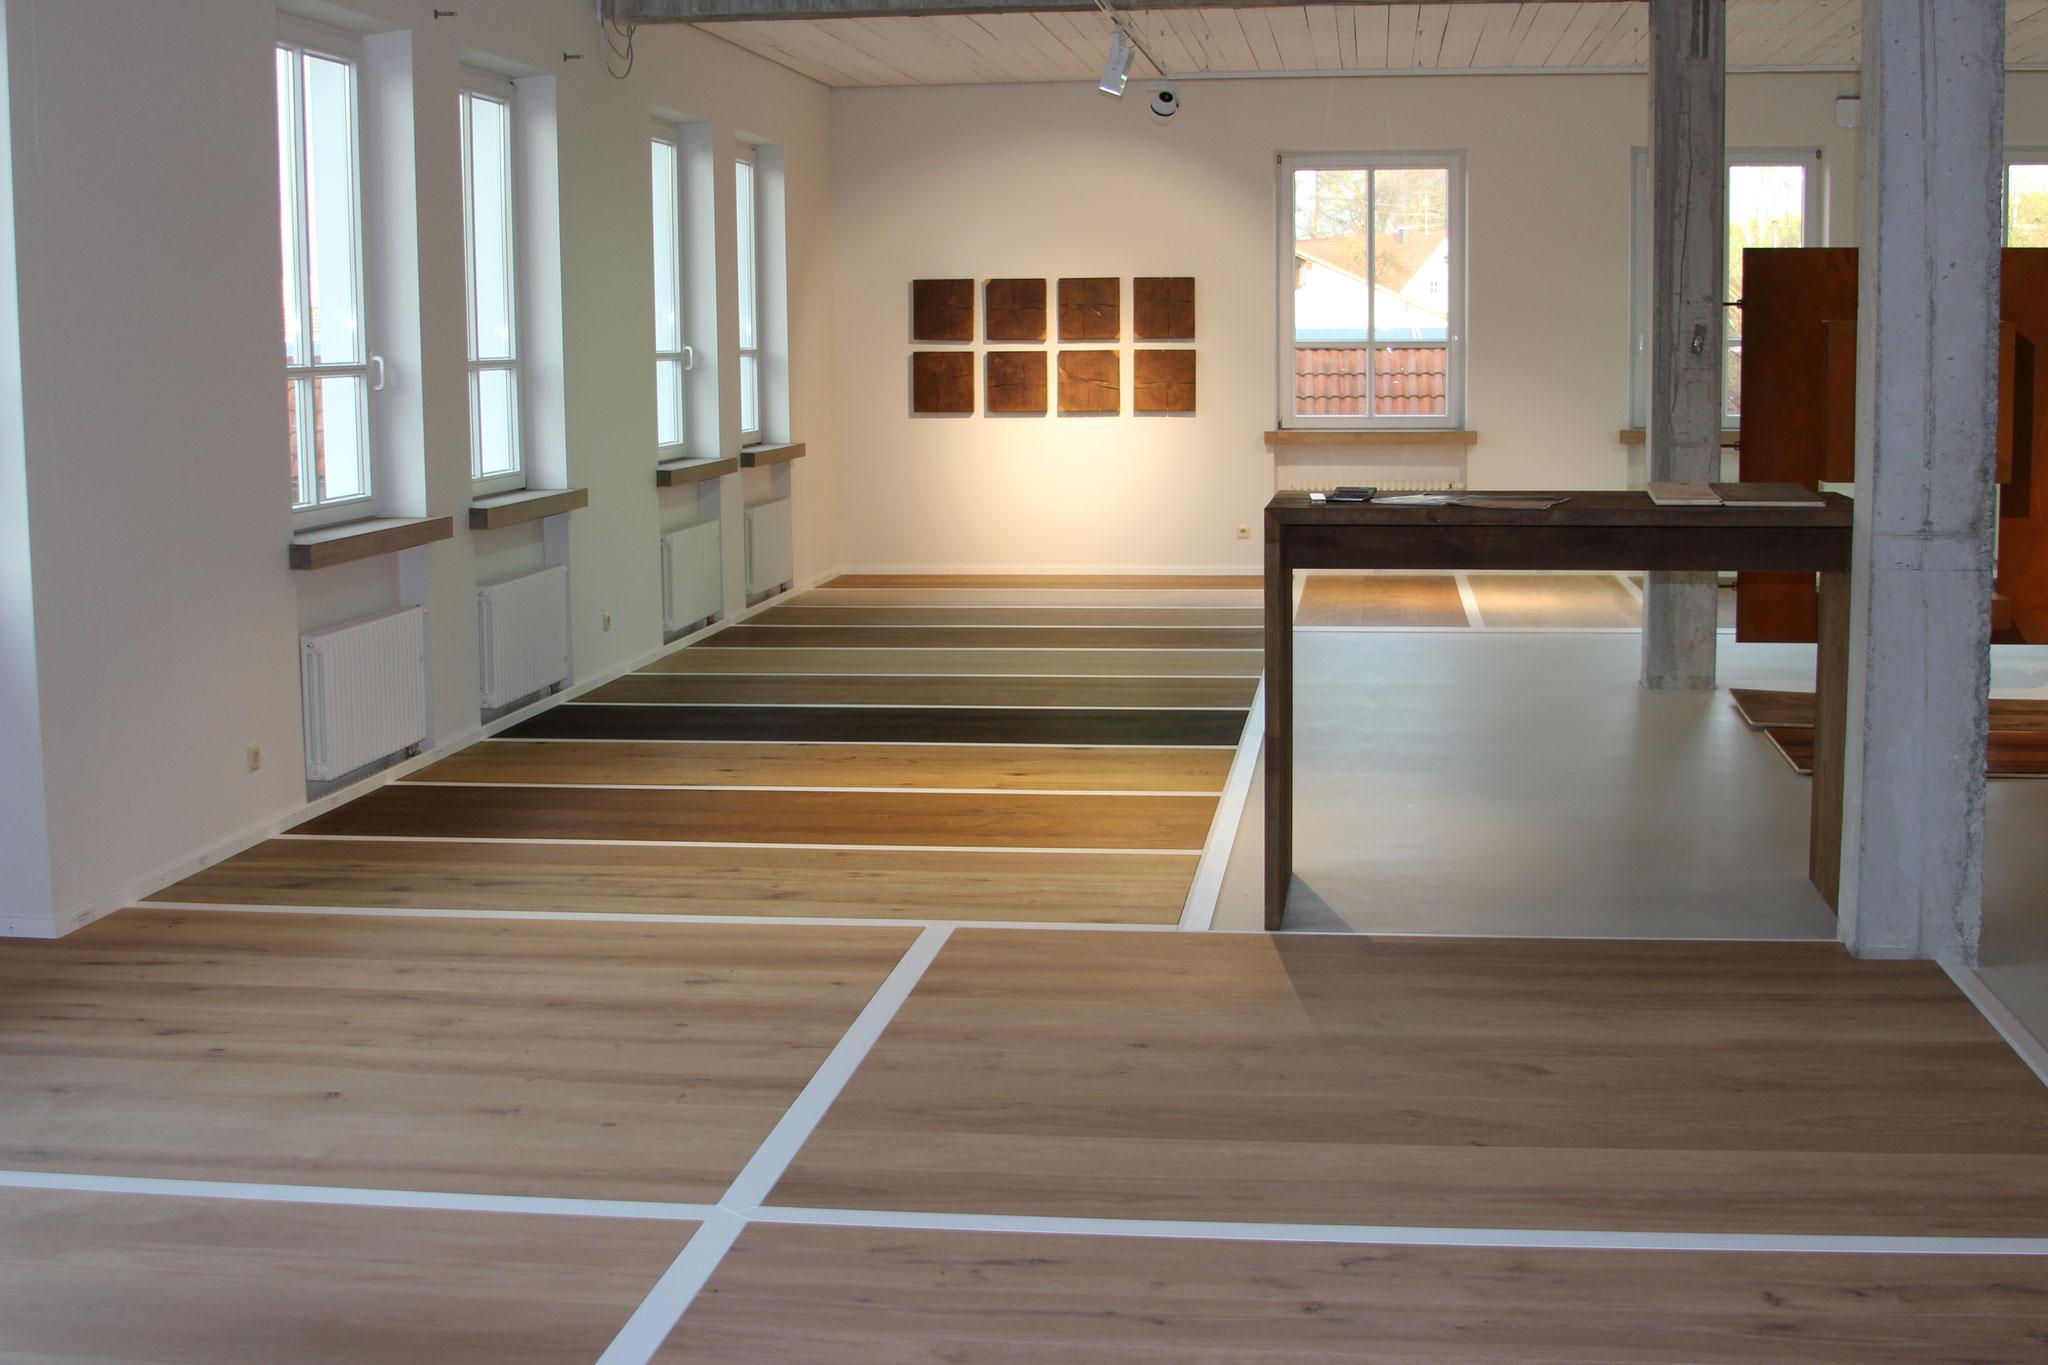 Fendt Holzgestaltung Showroom